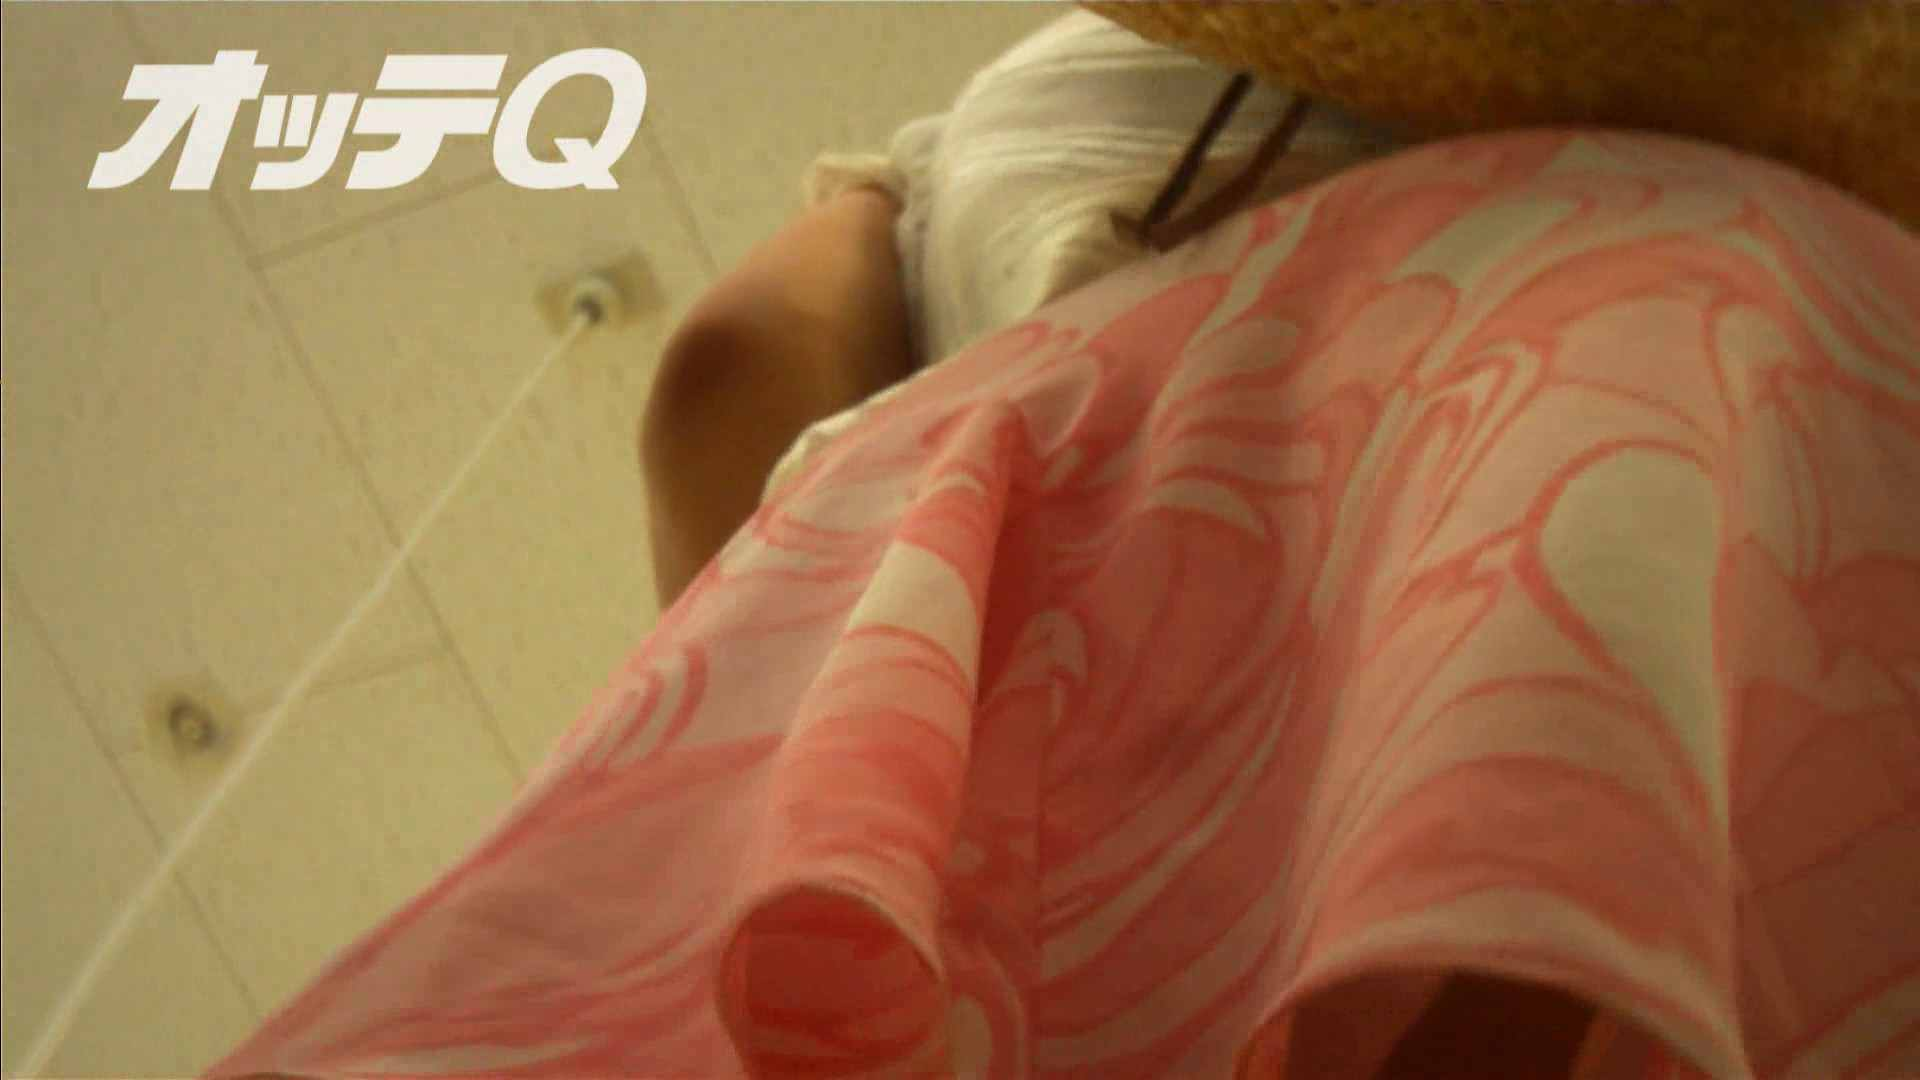 ハイビジョンパンチラ オッテQさんの追跡パンチラデパート編VOL.06 0   0  69画像 62